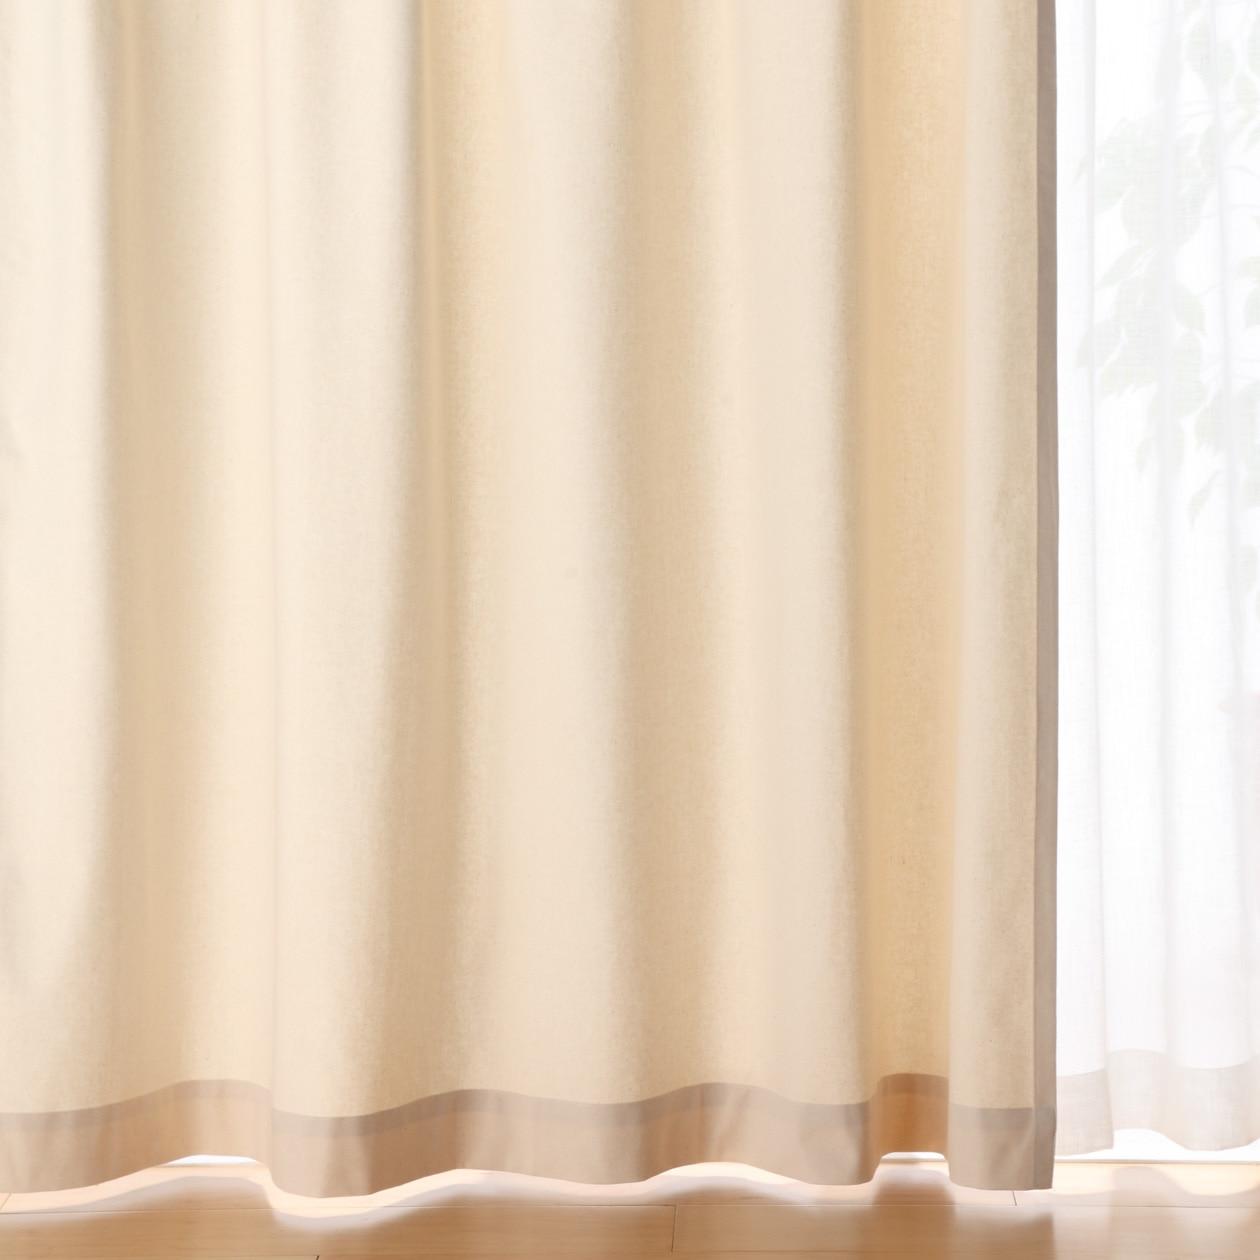 綿帆布プリーツカーテン/生成 幅100×丈200cm/生成